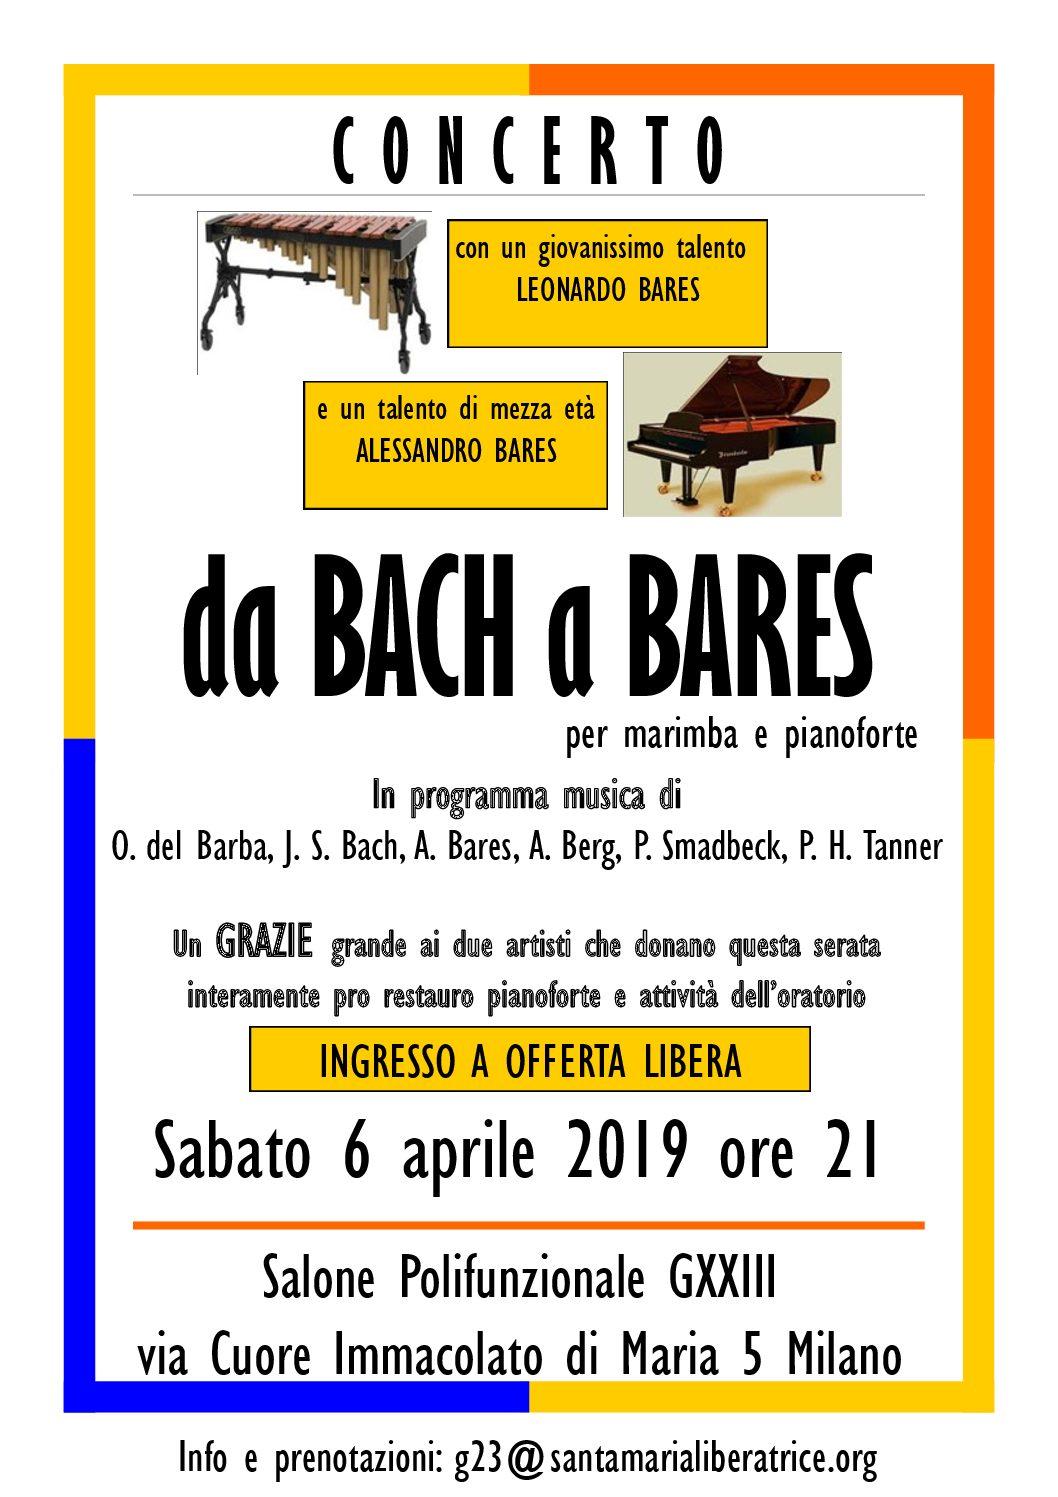 Concerto 6 aprile